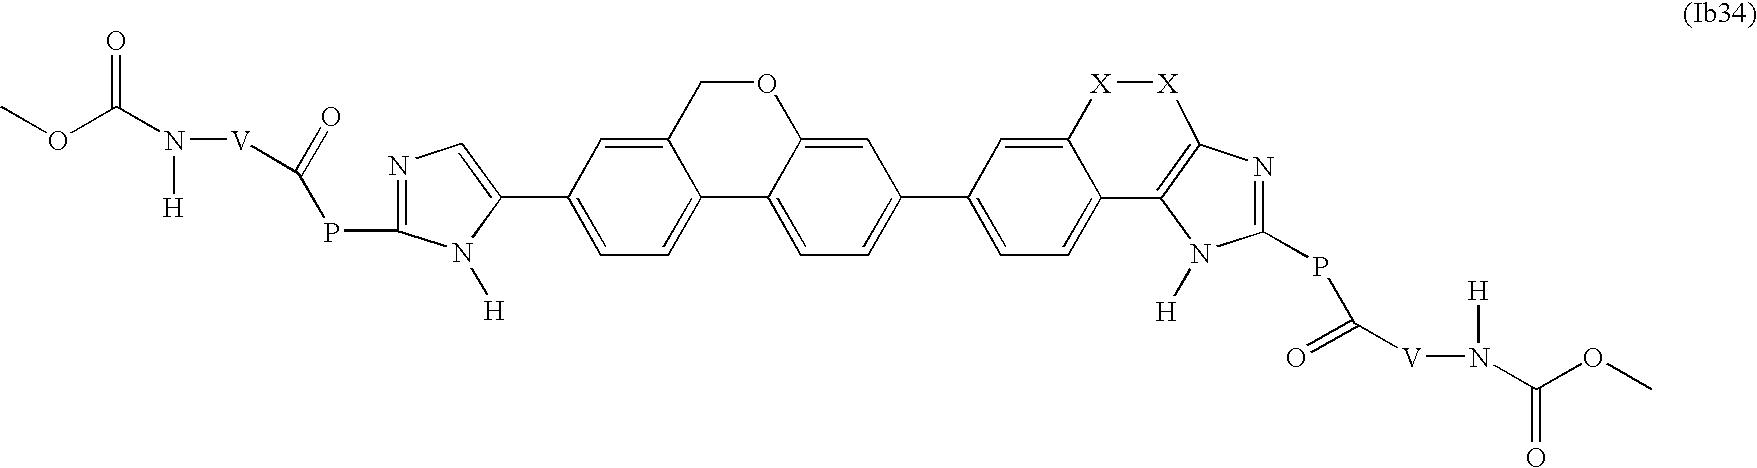 Figure US08088368-20120103-C00387